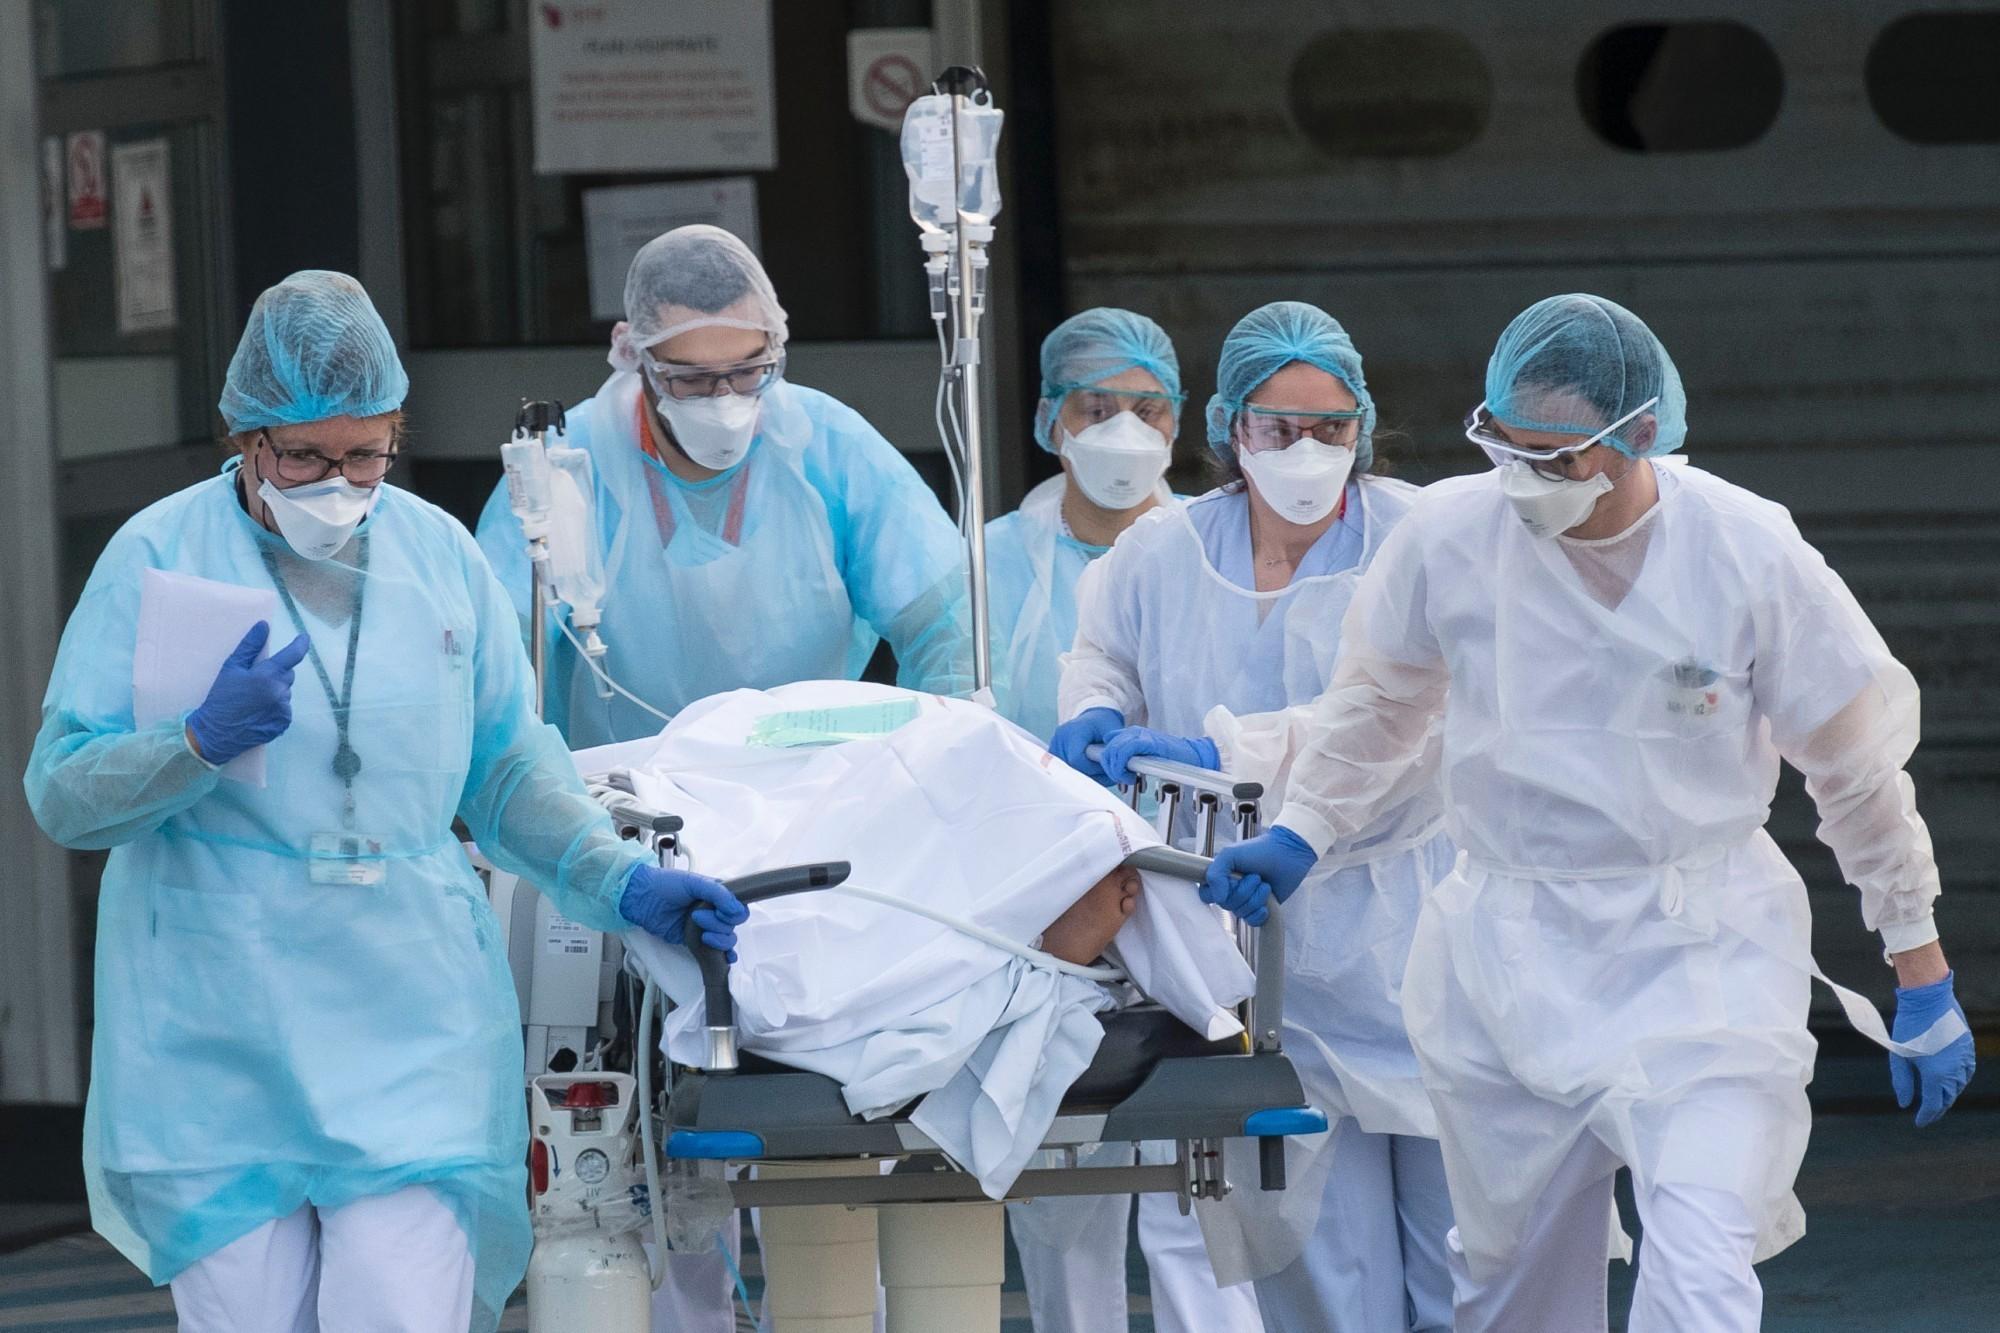 Больницы Хьюстона переполнены из-за роста случаев COVID-19